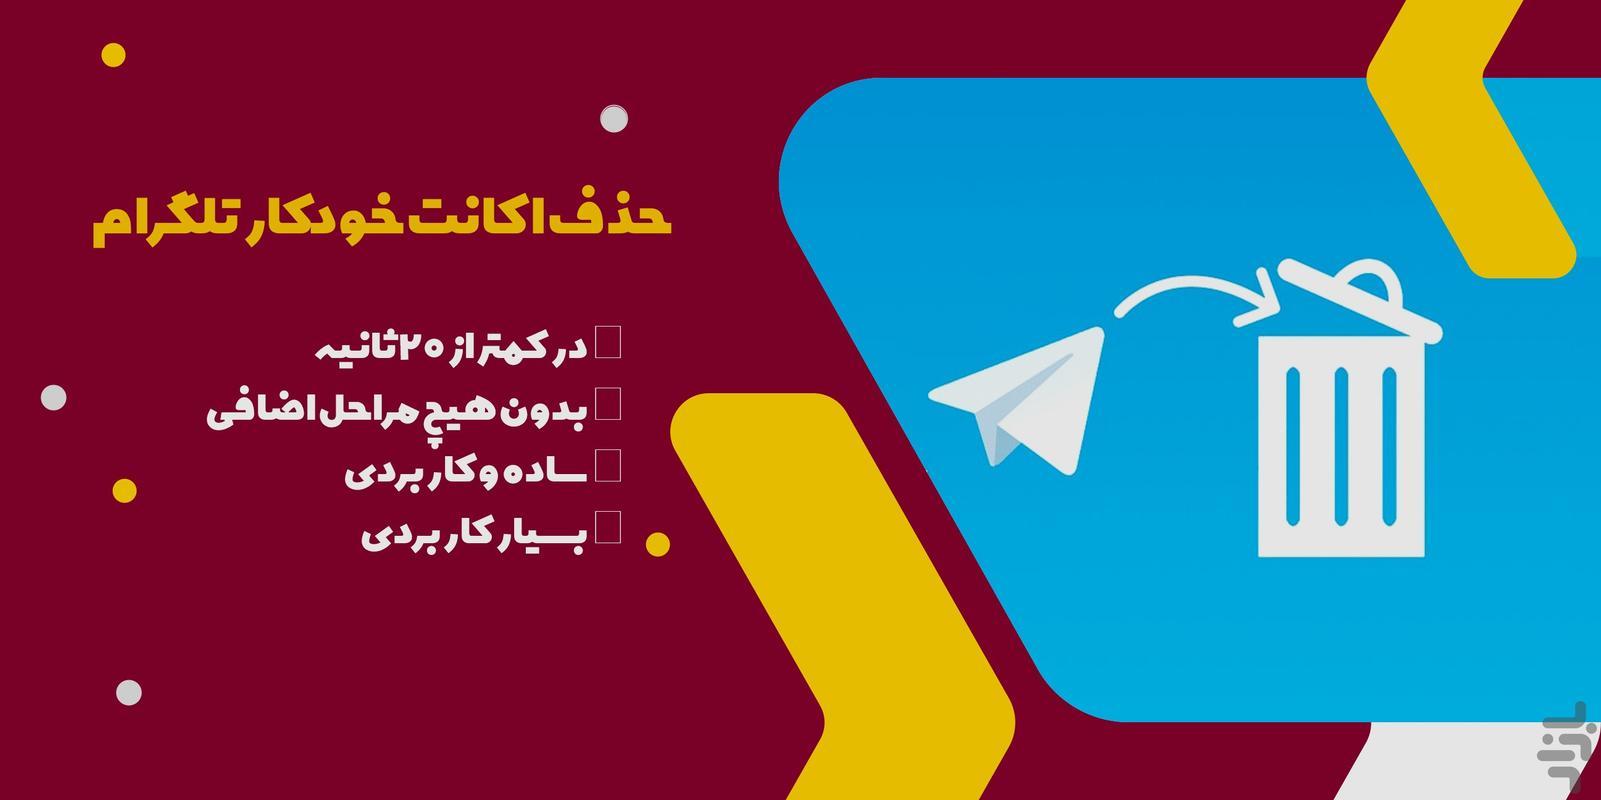 حذف خودکار اکانت تلگرام (حرفه ای) - عکس برنامه موبایلی اندروید